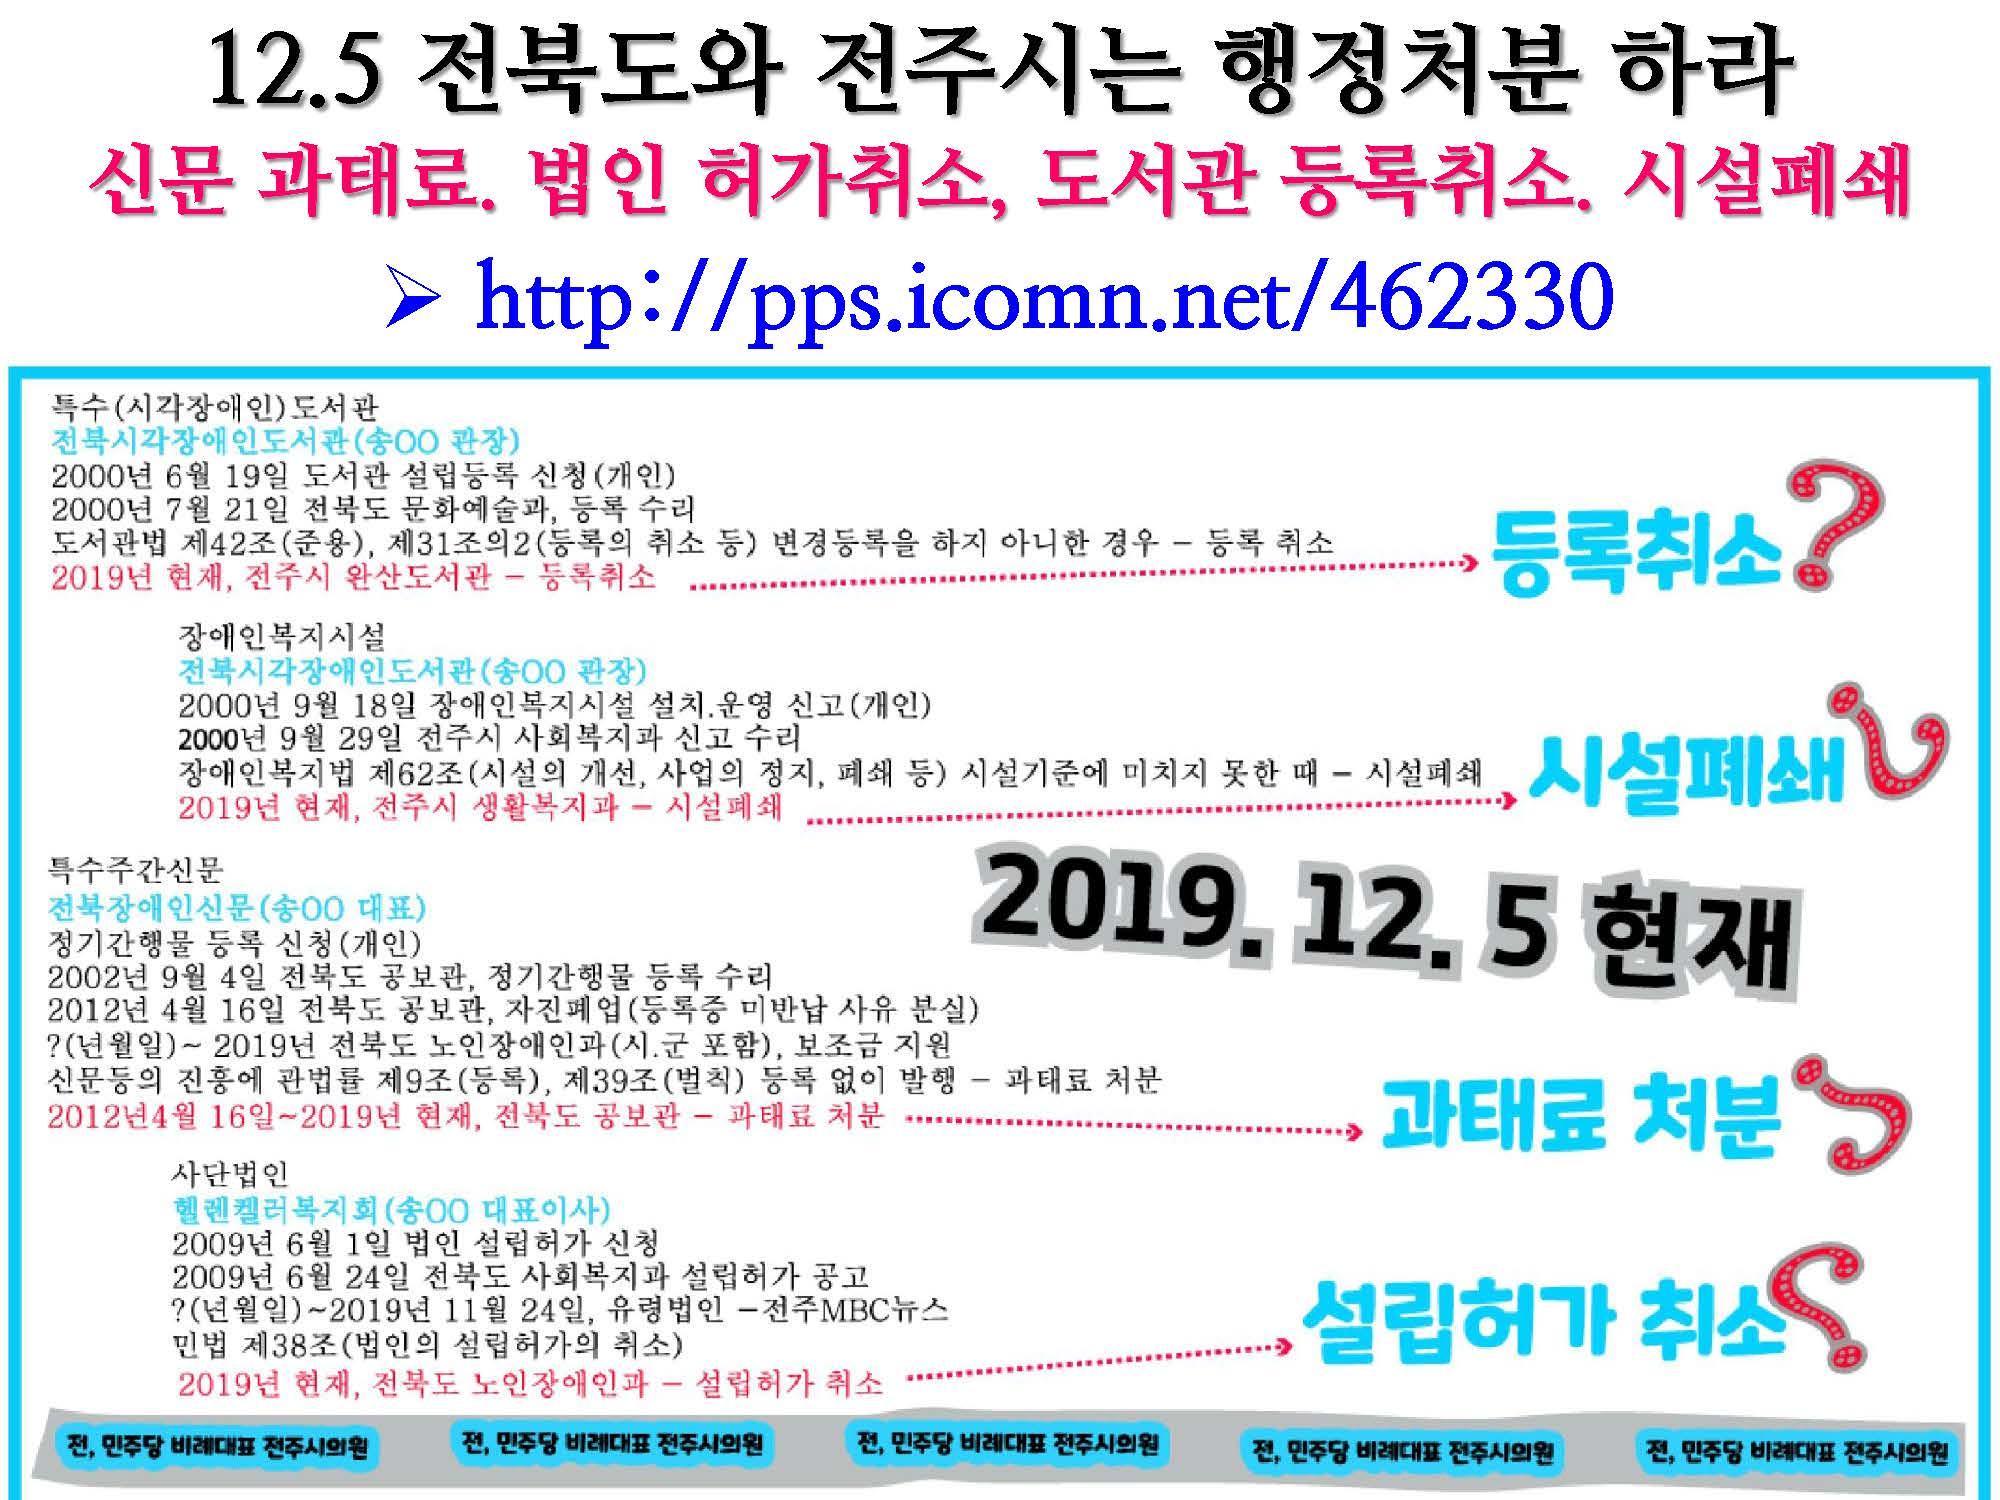 2019년 평화주민사랑방 활동 및 결산보고(PDF)_페이지_43.jpg